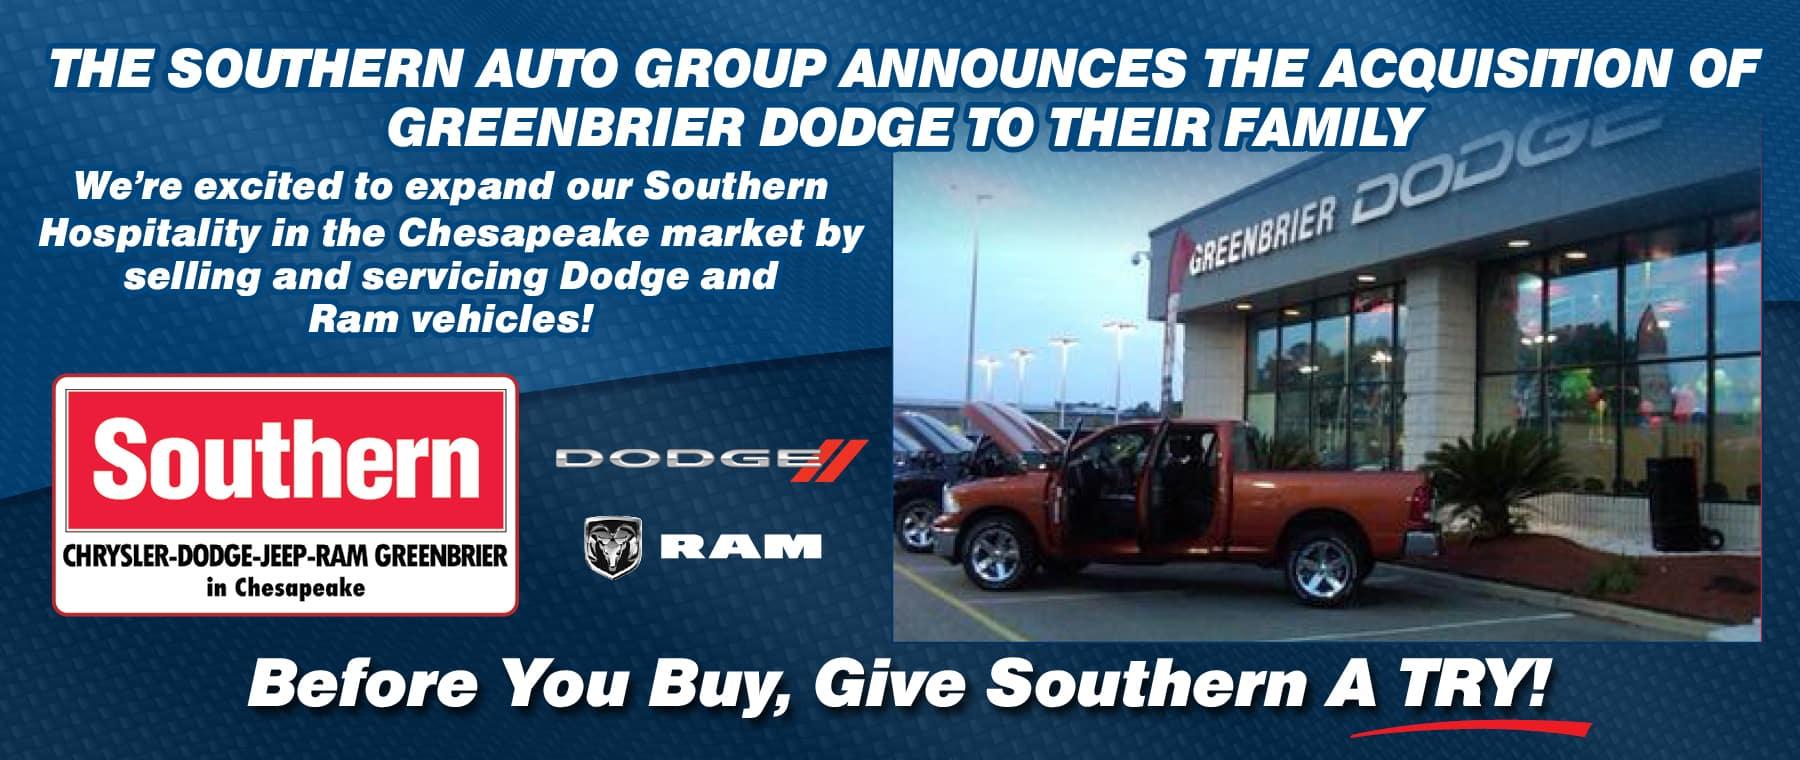 December Greenbrier Dodge